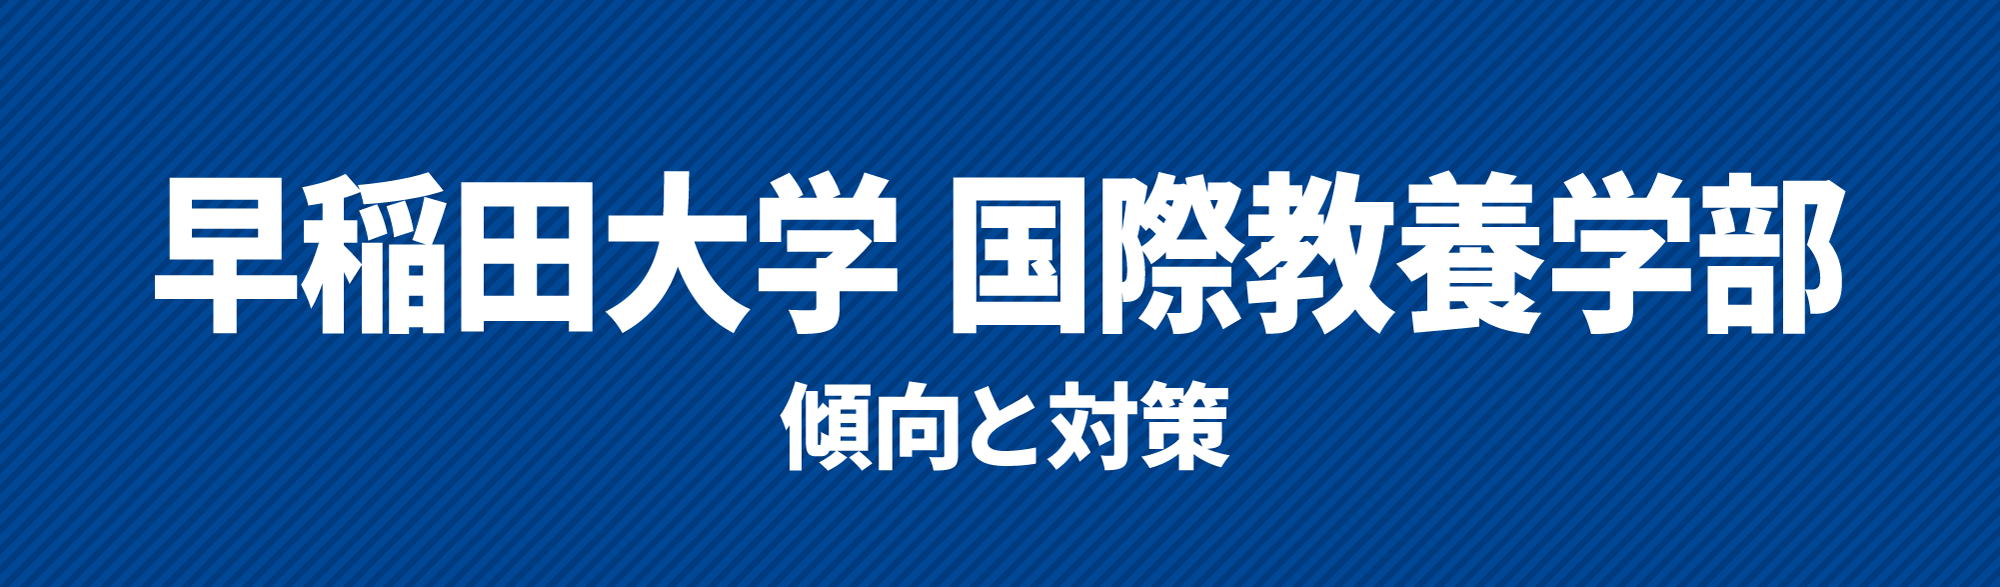 早稲田大学国際教養学部傾向と対策